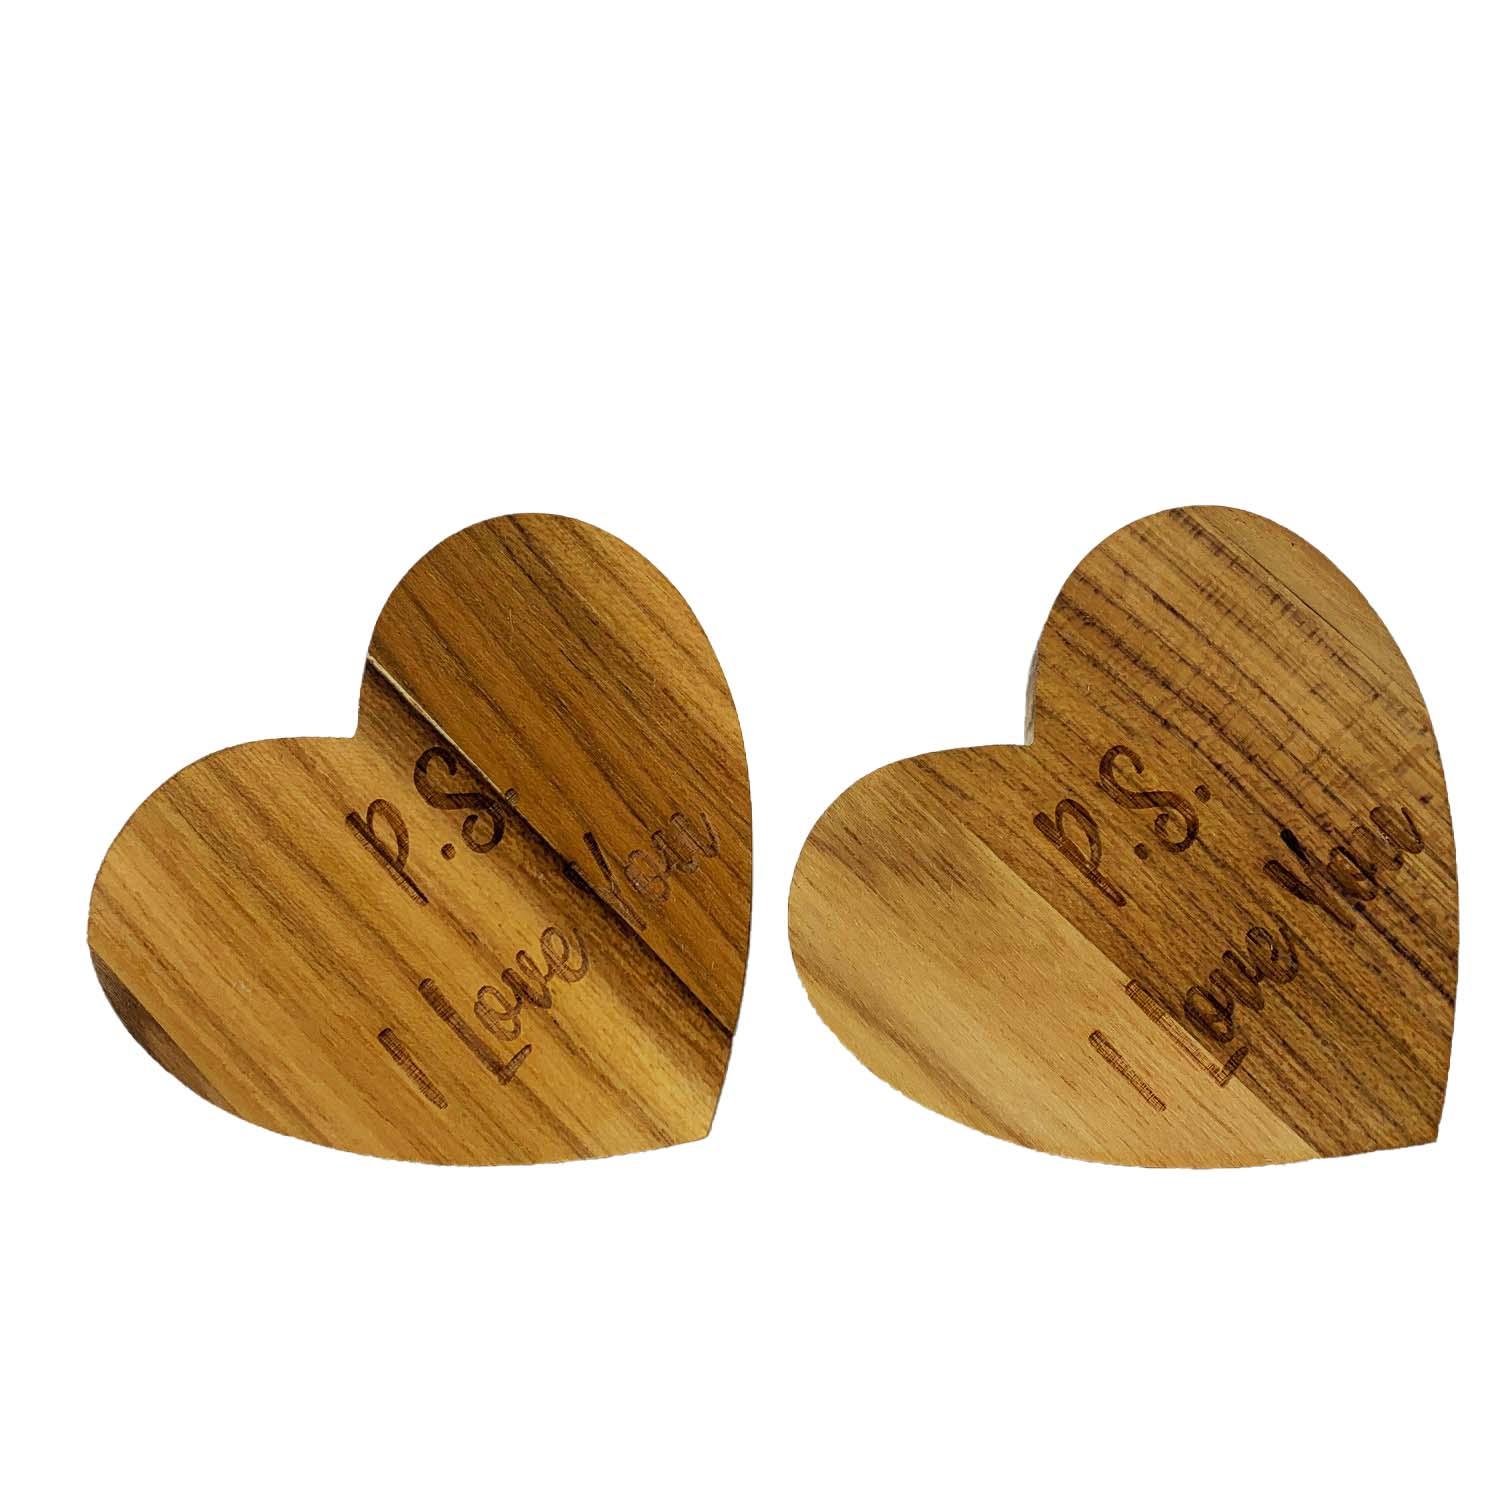 Jogo com 2 Argolas Hearts Madeira Teca escrita P.S. I love you